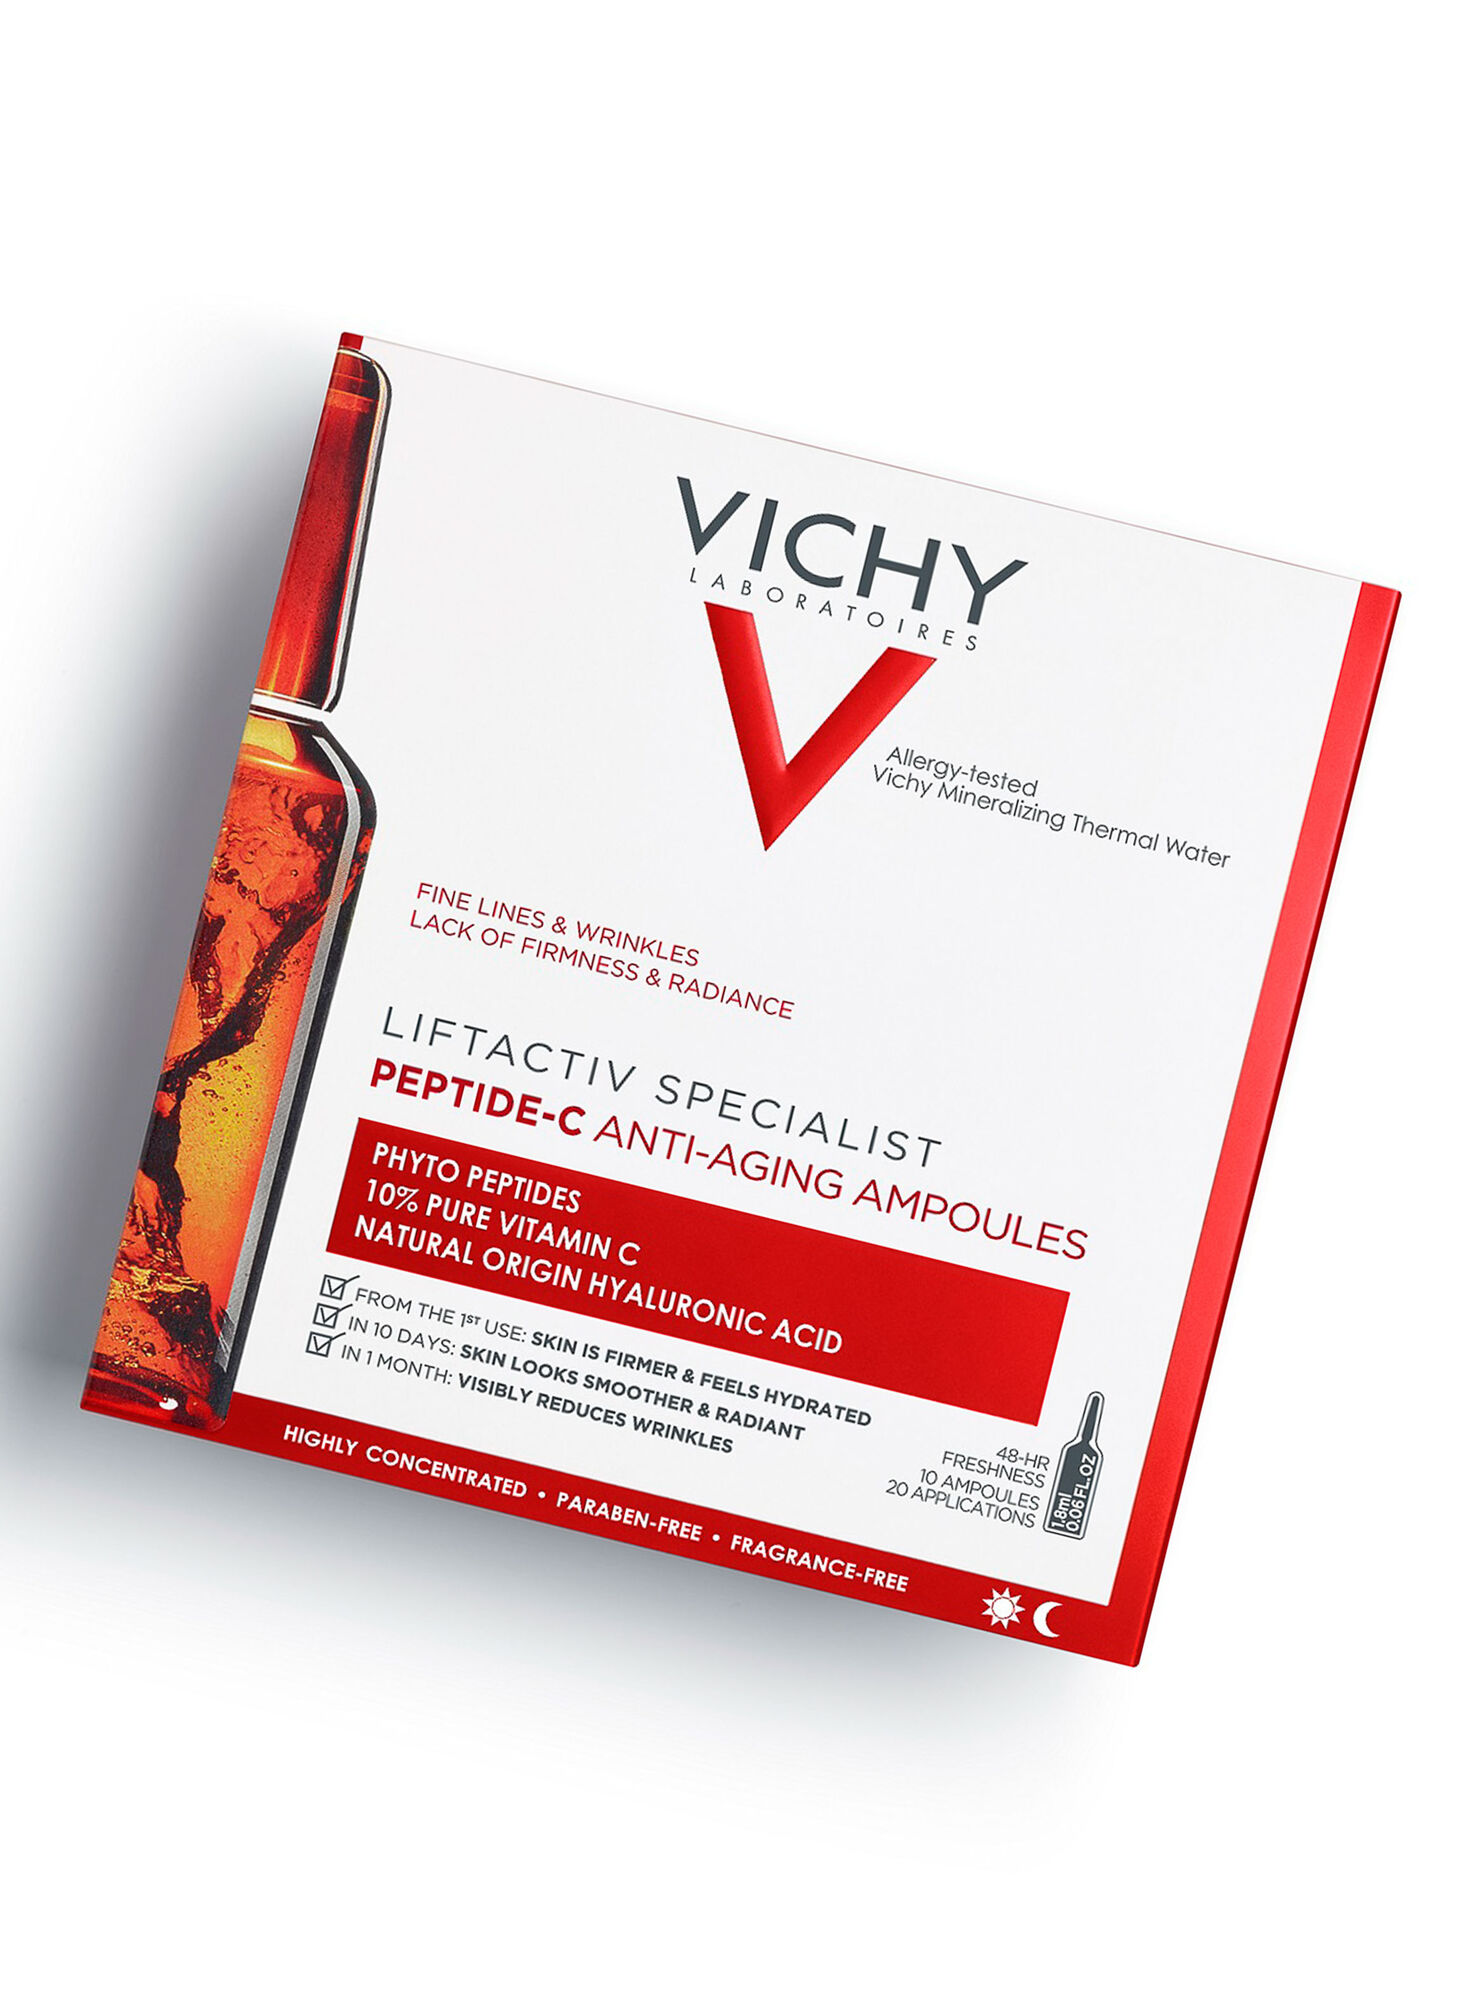 Contento Obediente inflación  Ampollas Liftactiv Peptide c x10 Vichy - Rostro | Paris.cl